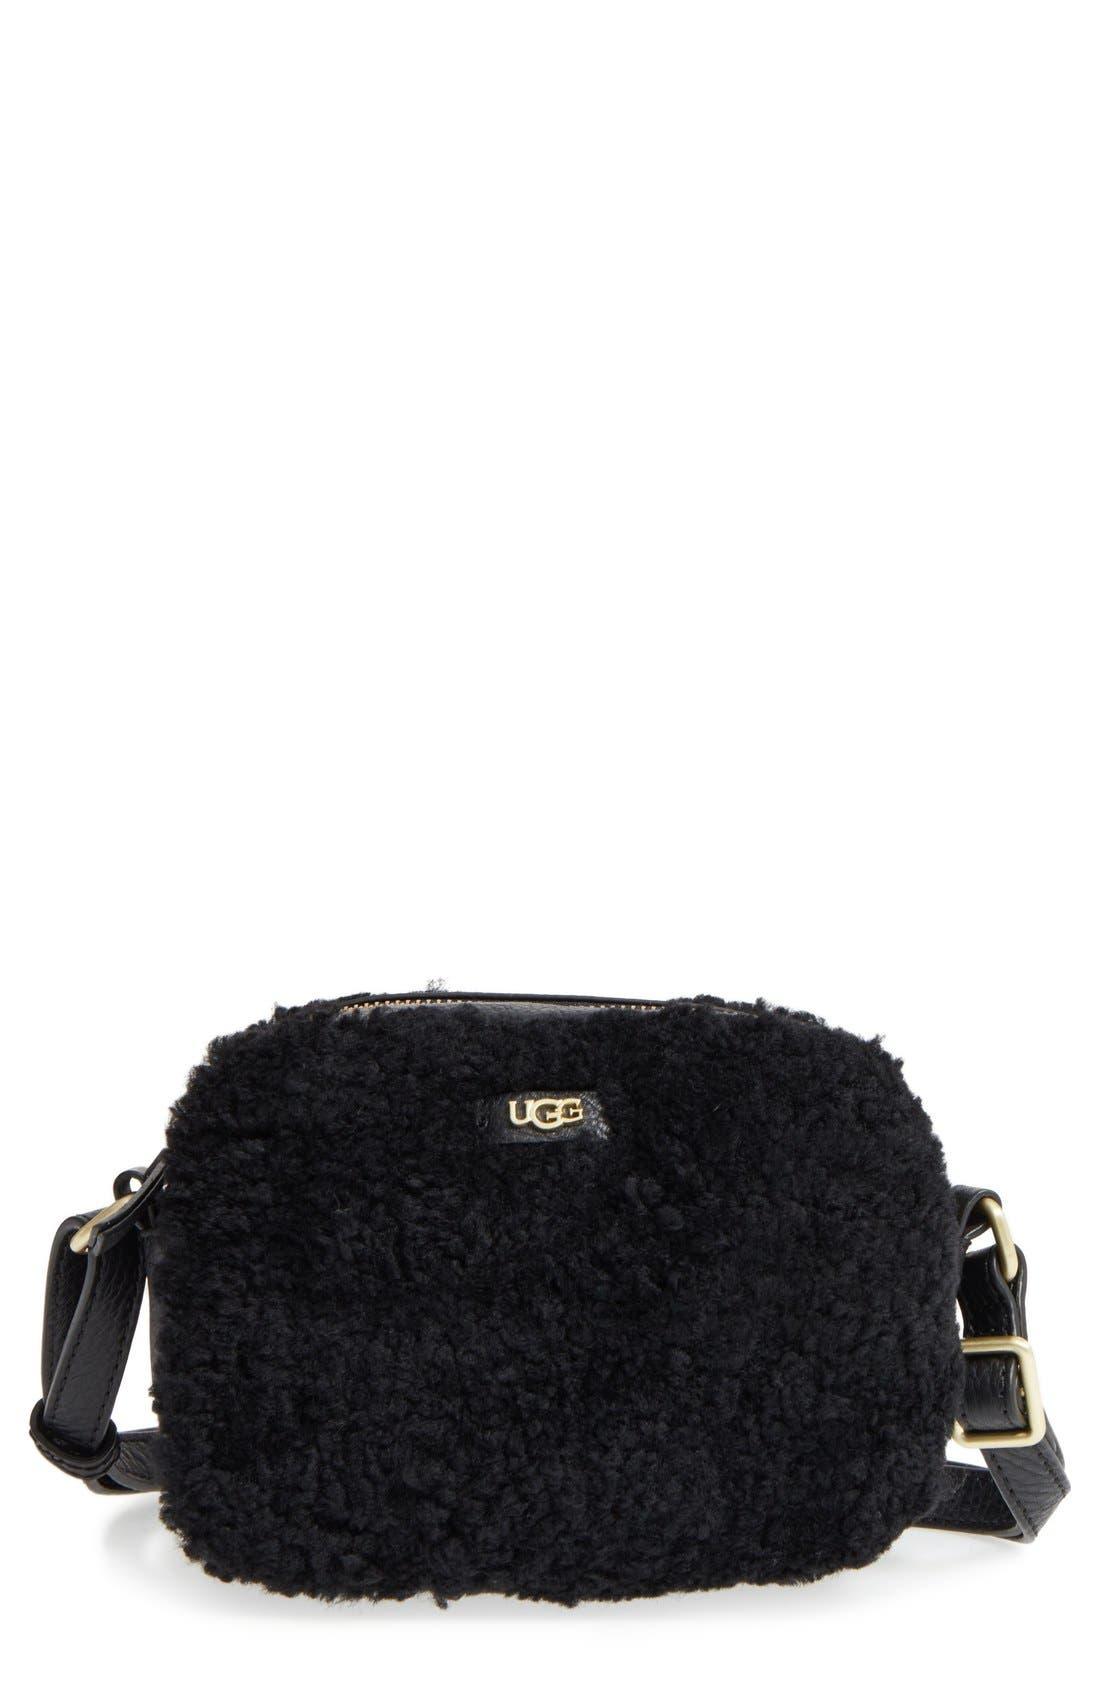 UGG® Claire Genuine Shearling Crossbody Bag